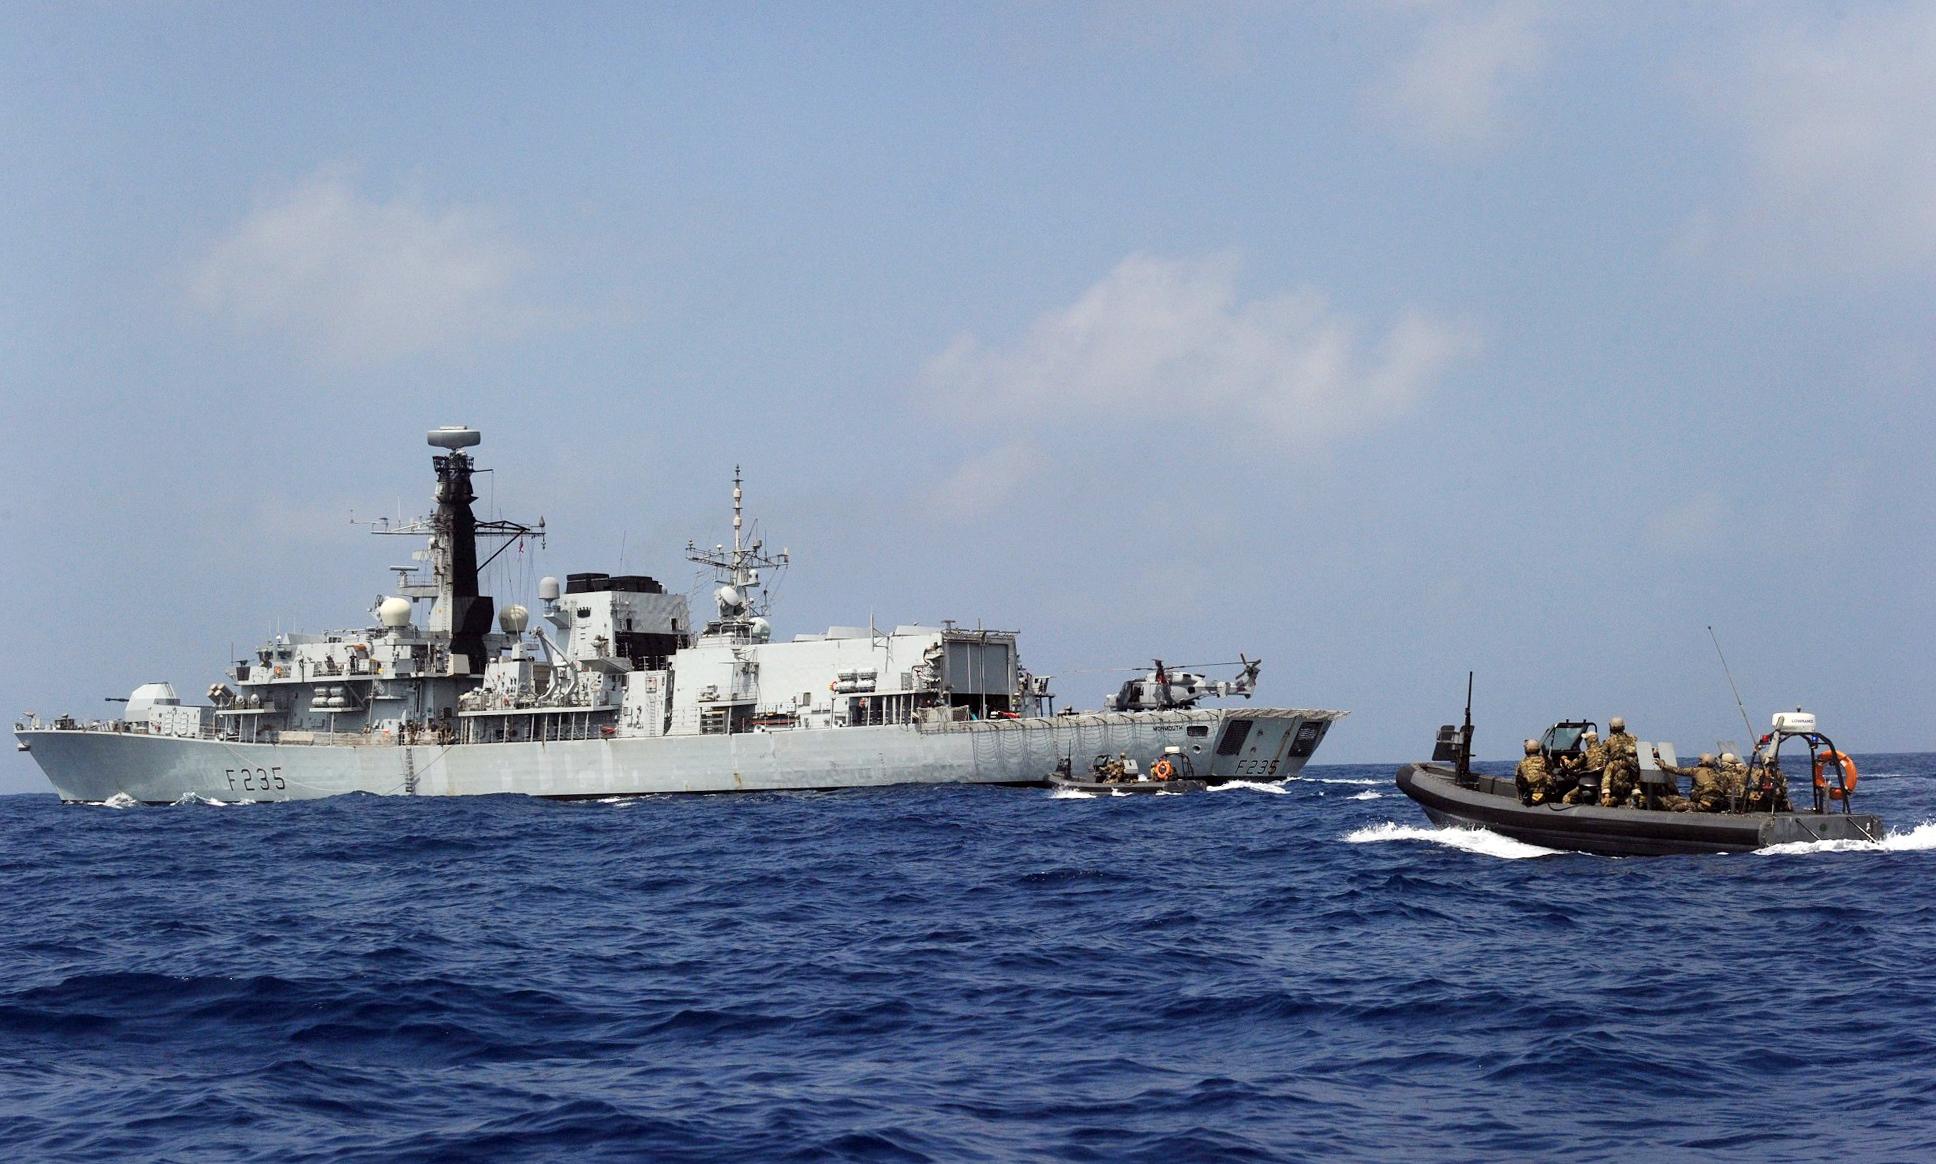 20일(현지시간) 아덴만에서 청해부대 23진 검문검색대원들이 최영함에서 영국 몬머스함으로 RIB(Rapid Inflatable Boat)을 타고 출동하고 있다. [사진 합참]